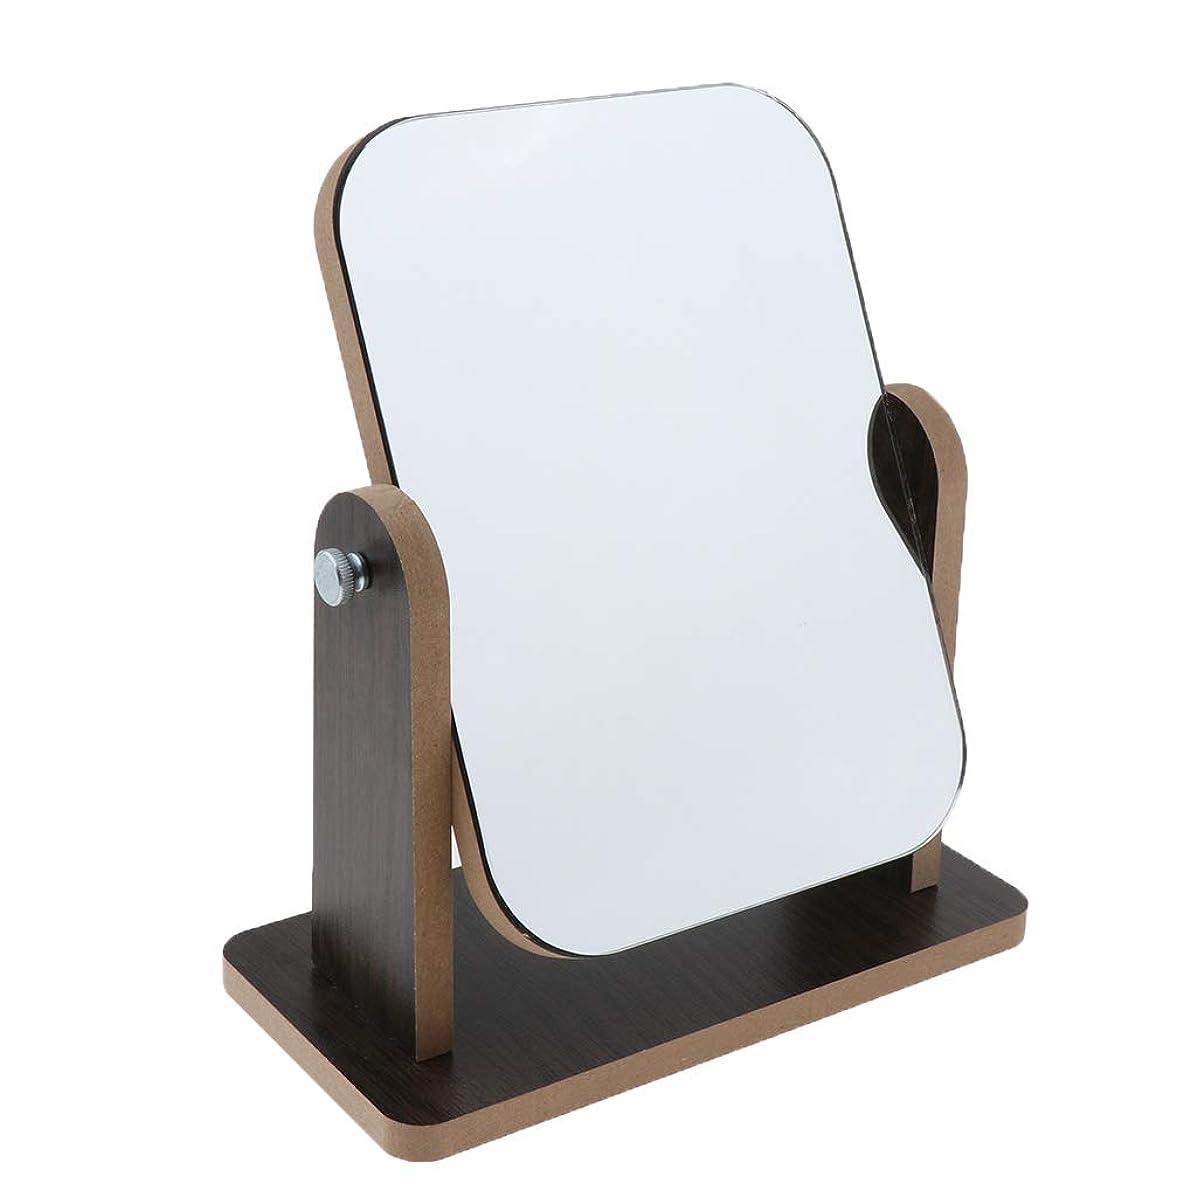 一流公スチュワーデスDYNWAVE 全3サイズ 化粧鏡 折りたたみ式ミラー 360度回転 取り外し可能 組み立て 卓上鏡 - S